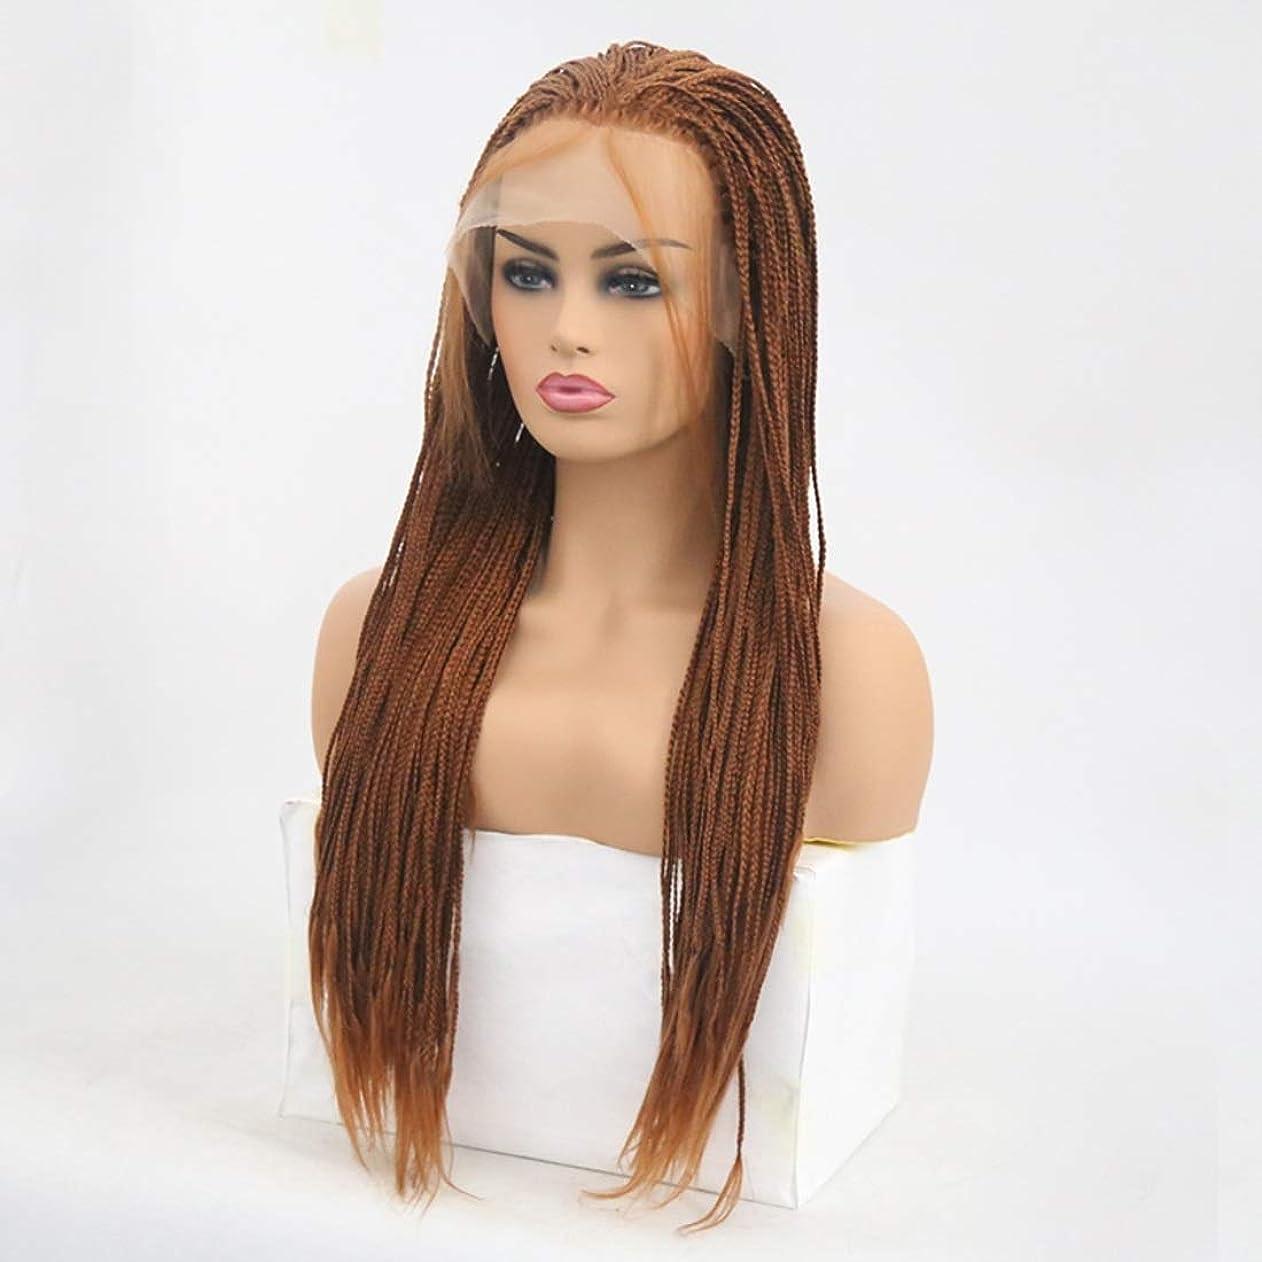 間隔パトロールオークSummerys 女性のための前髪の髪のかつらで絹のような長いストレート黒かつら耐熱合成かつら (Size : 24 inches)